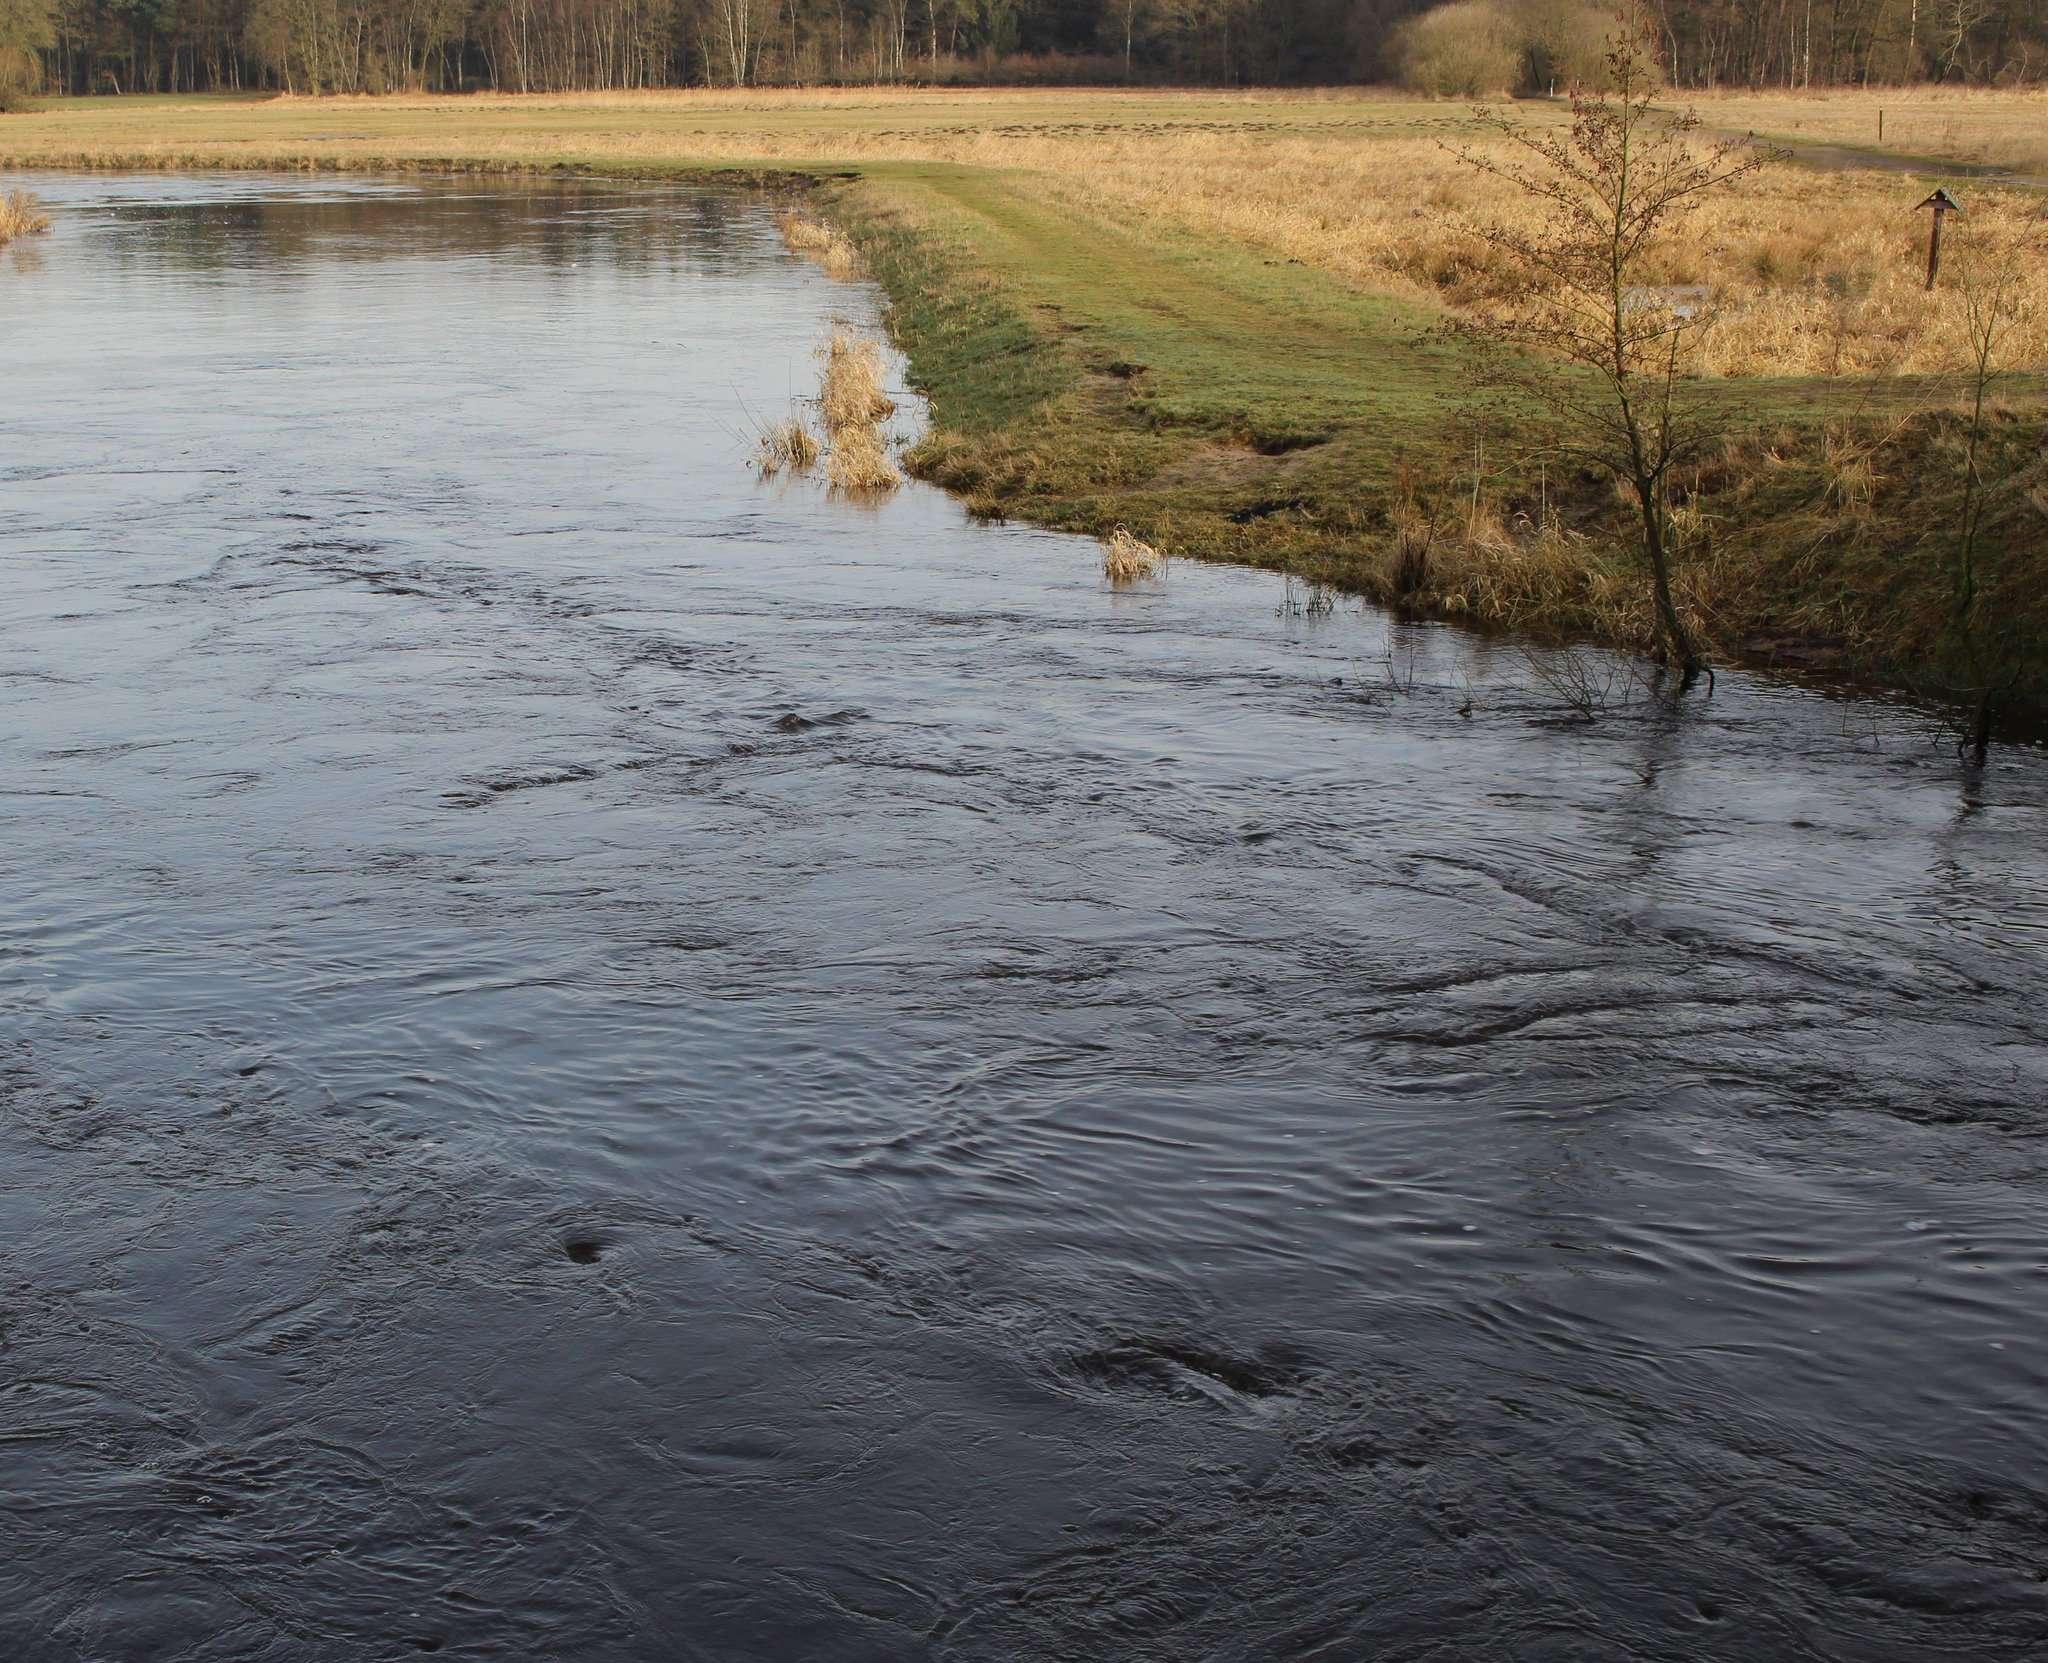 Die Wümme bei Ahausen: Die Kosten für die Pflege des Gewässers sind gestiegen. Foto: Henning Leeske